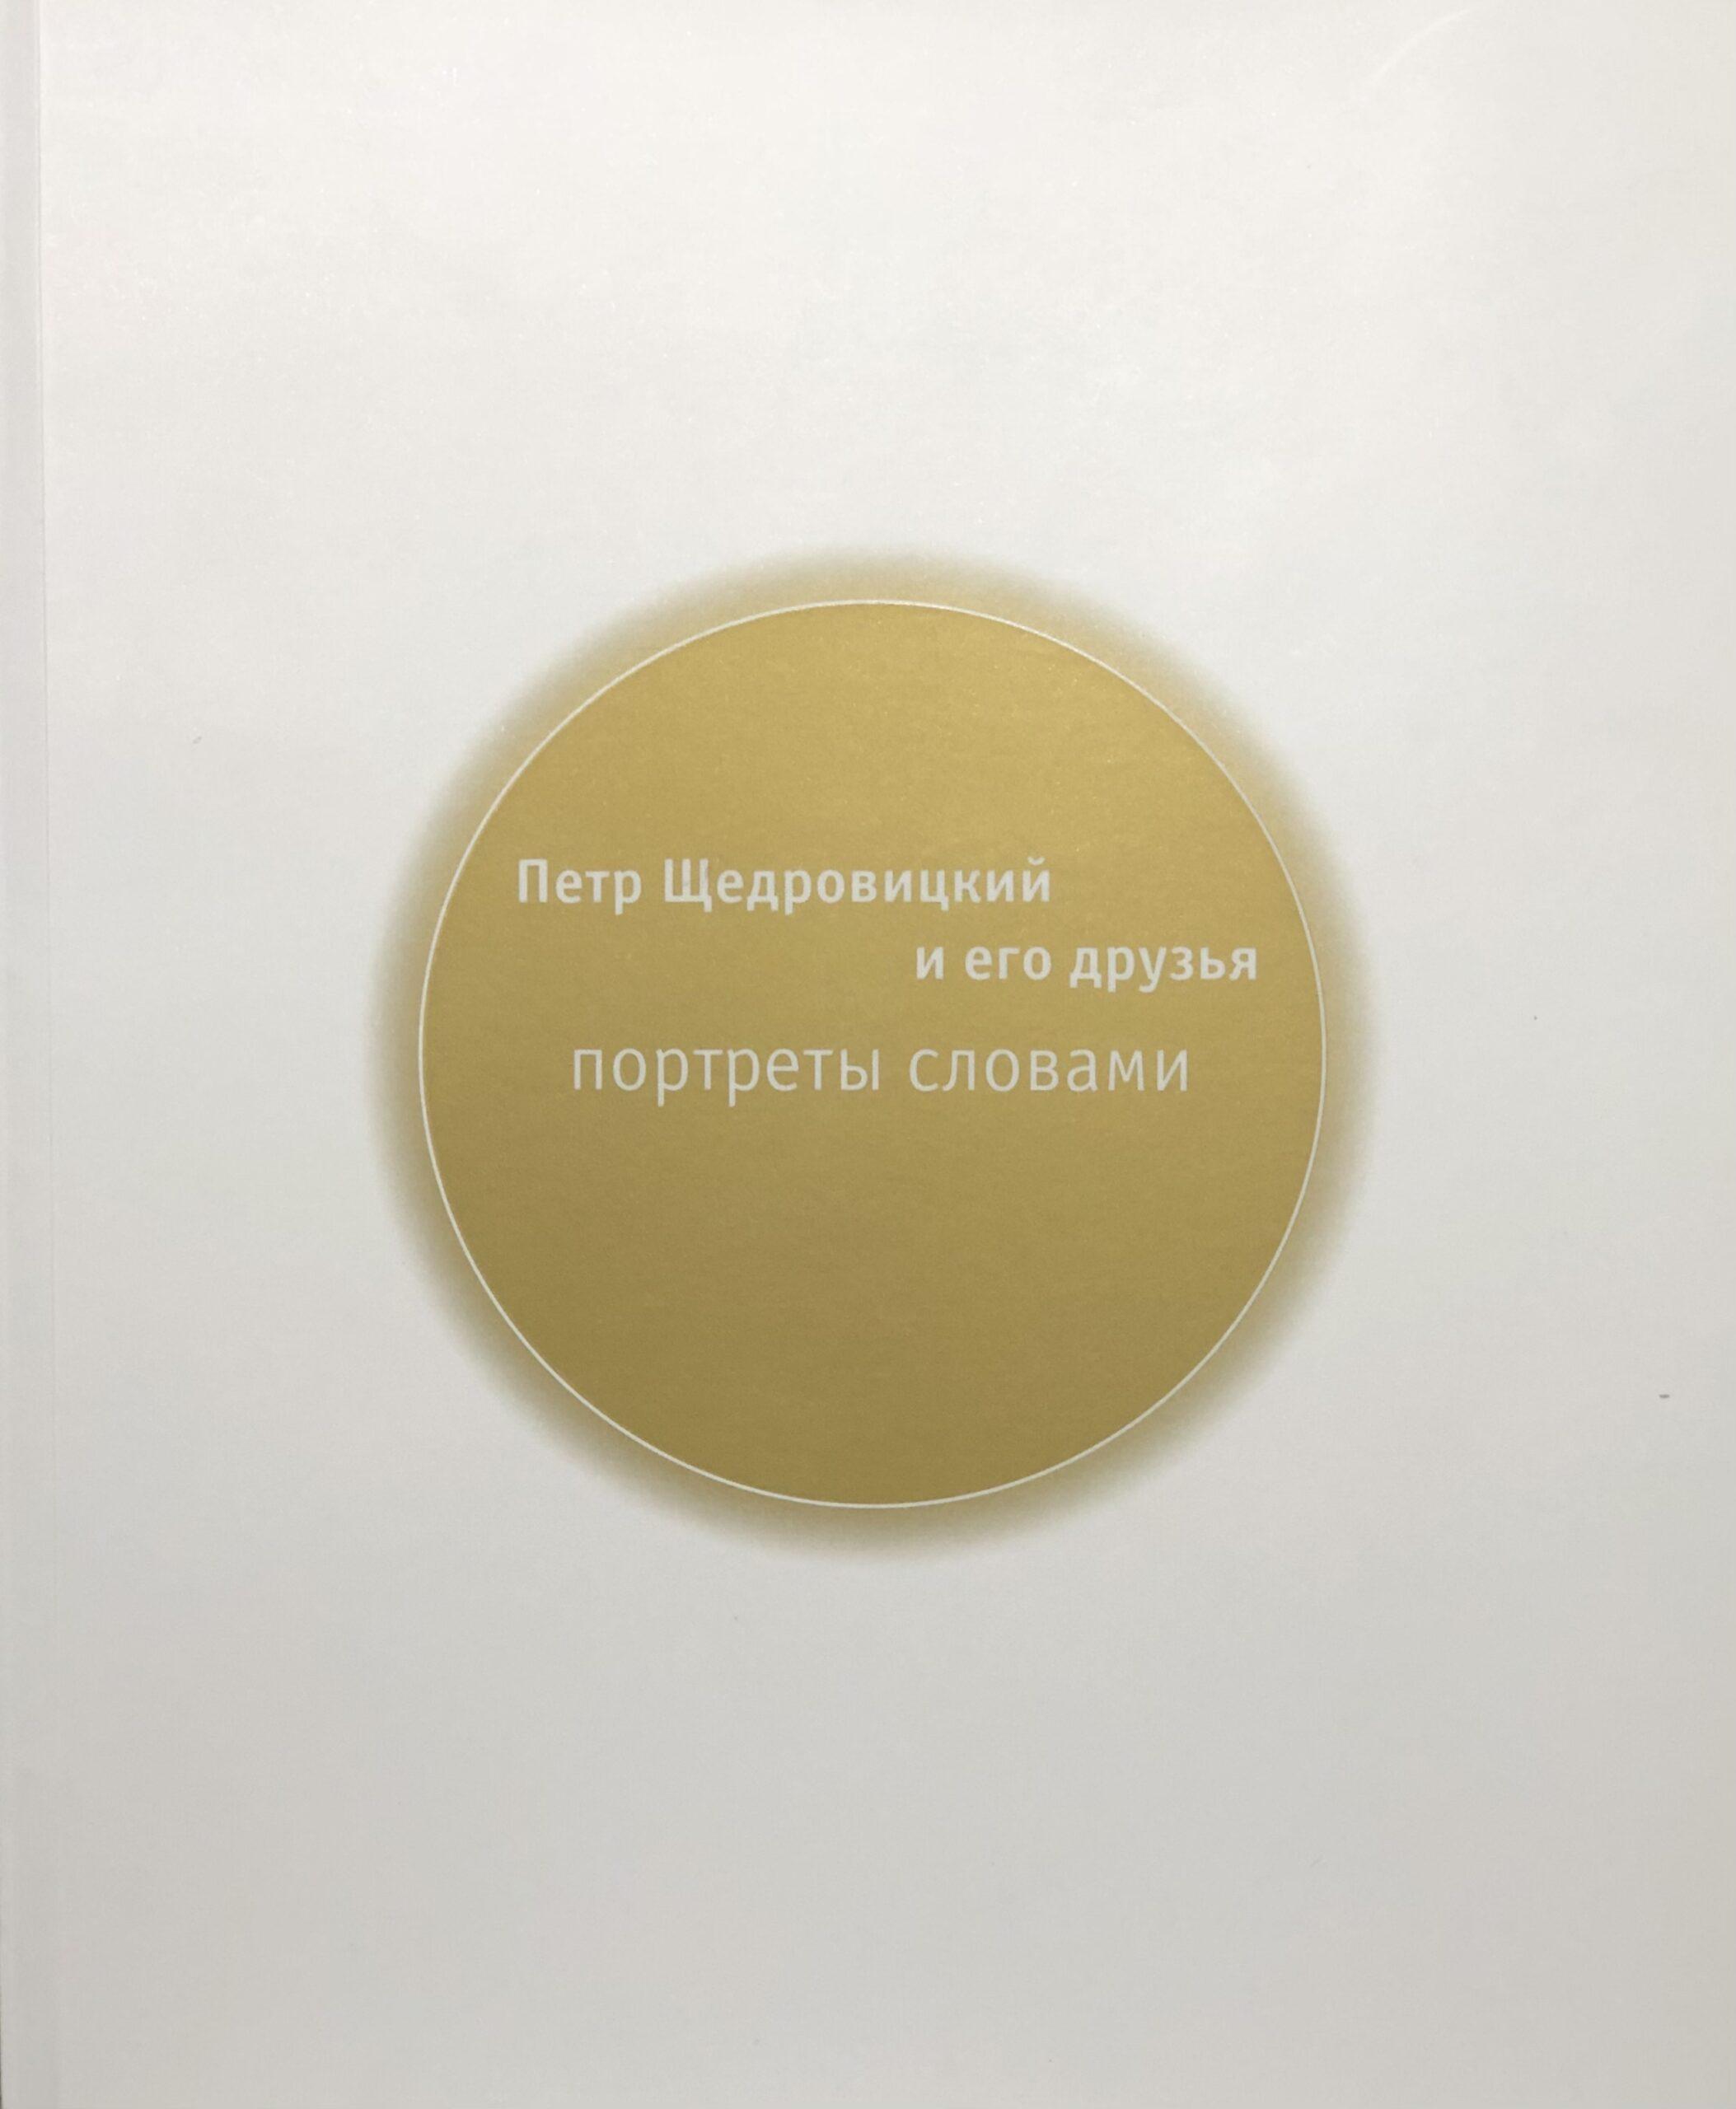 Петр Щедровицкий и друзья - портреты словами 1 том - 2008